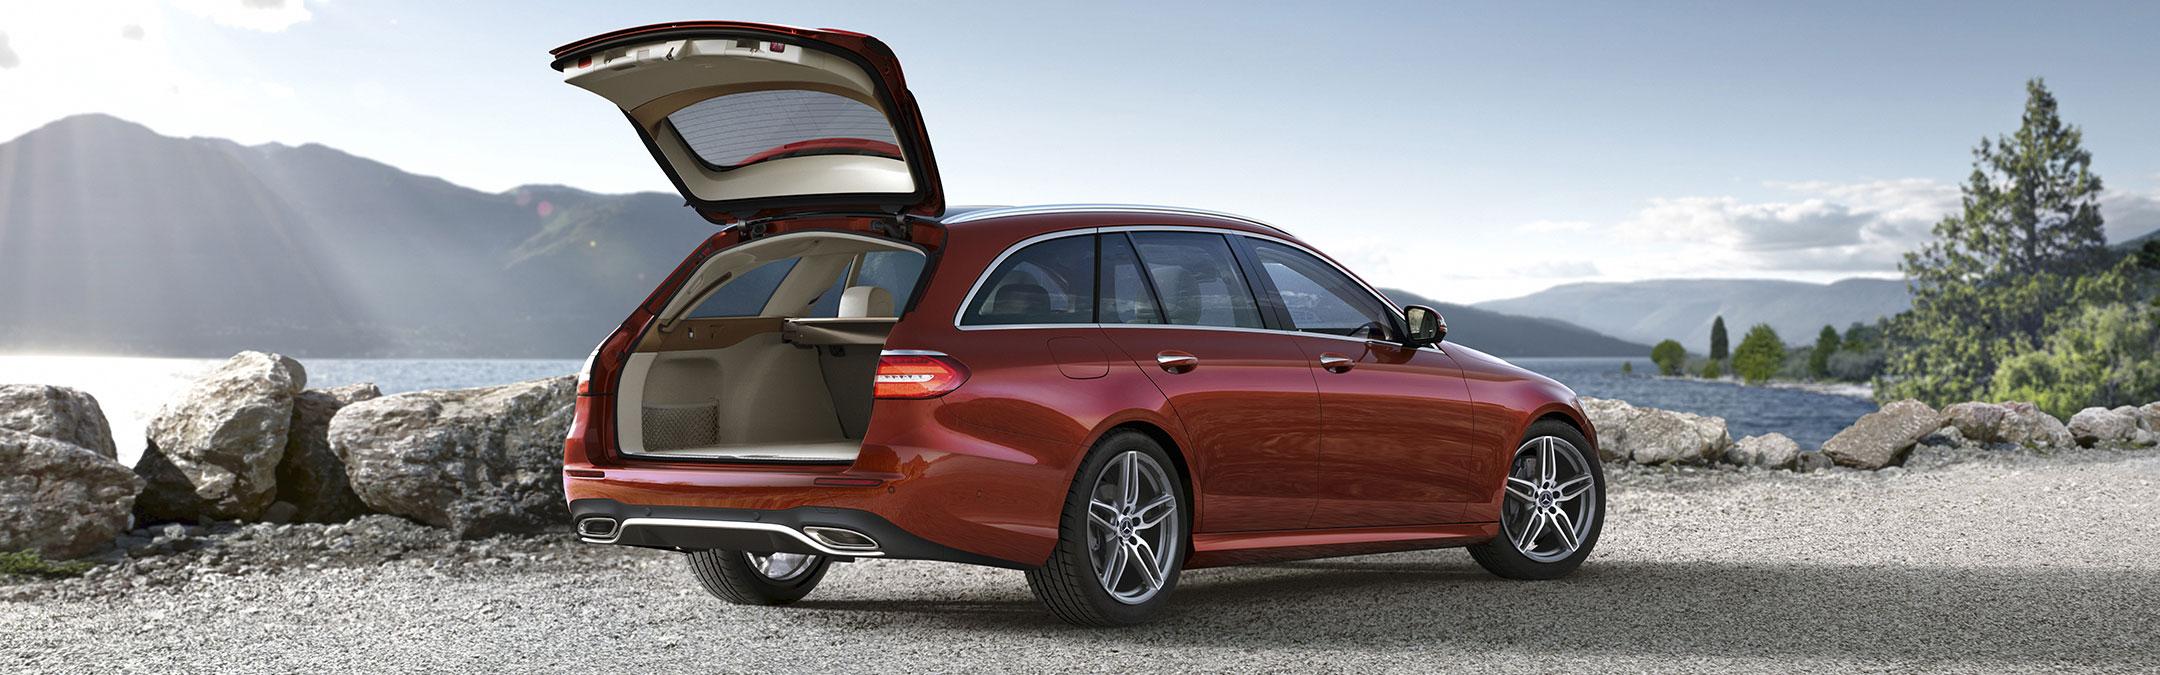 2018 e class wagon mercedes benz for Mercedes benz e class wagon amg